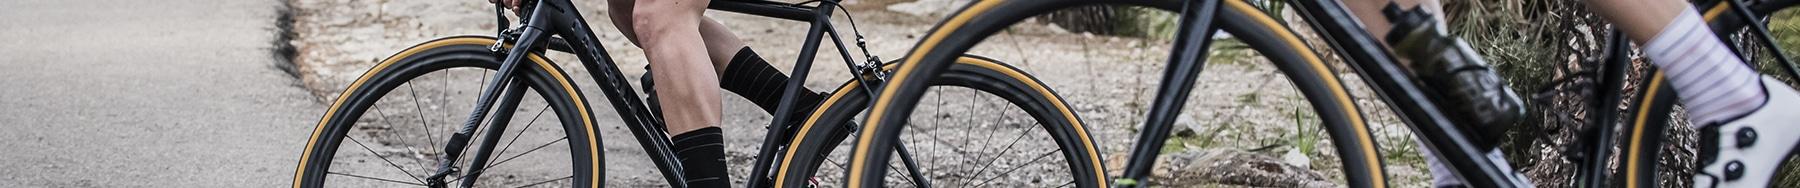 FFWD Wheels Accessories